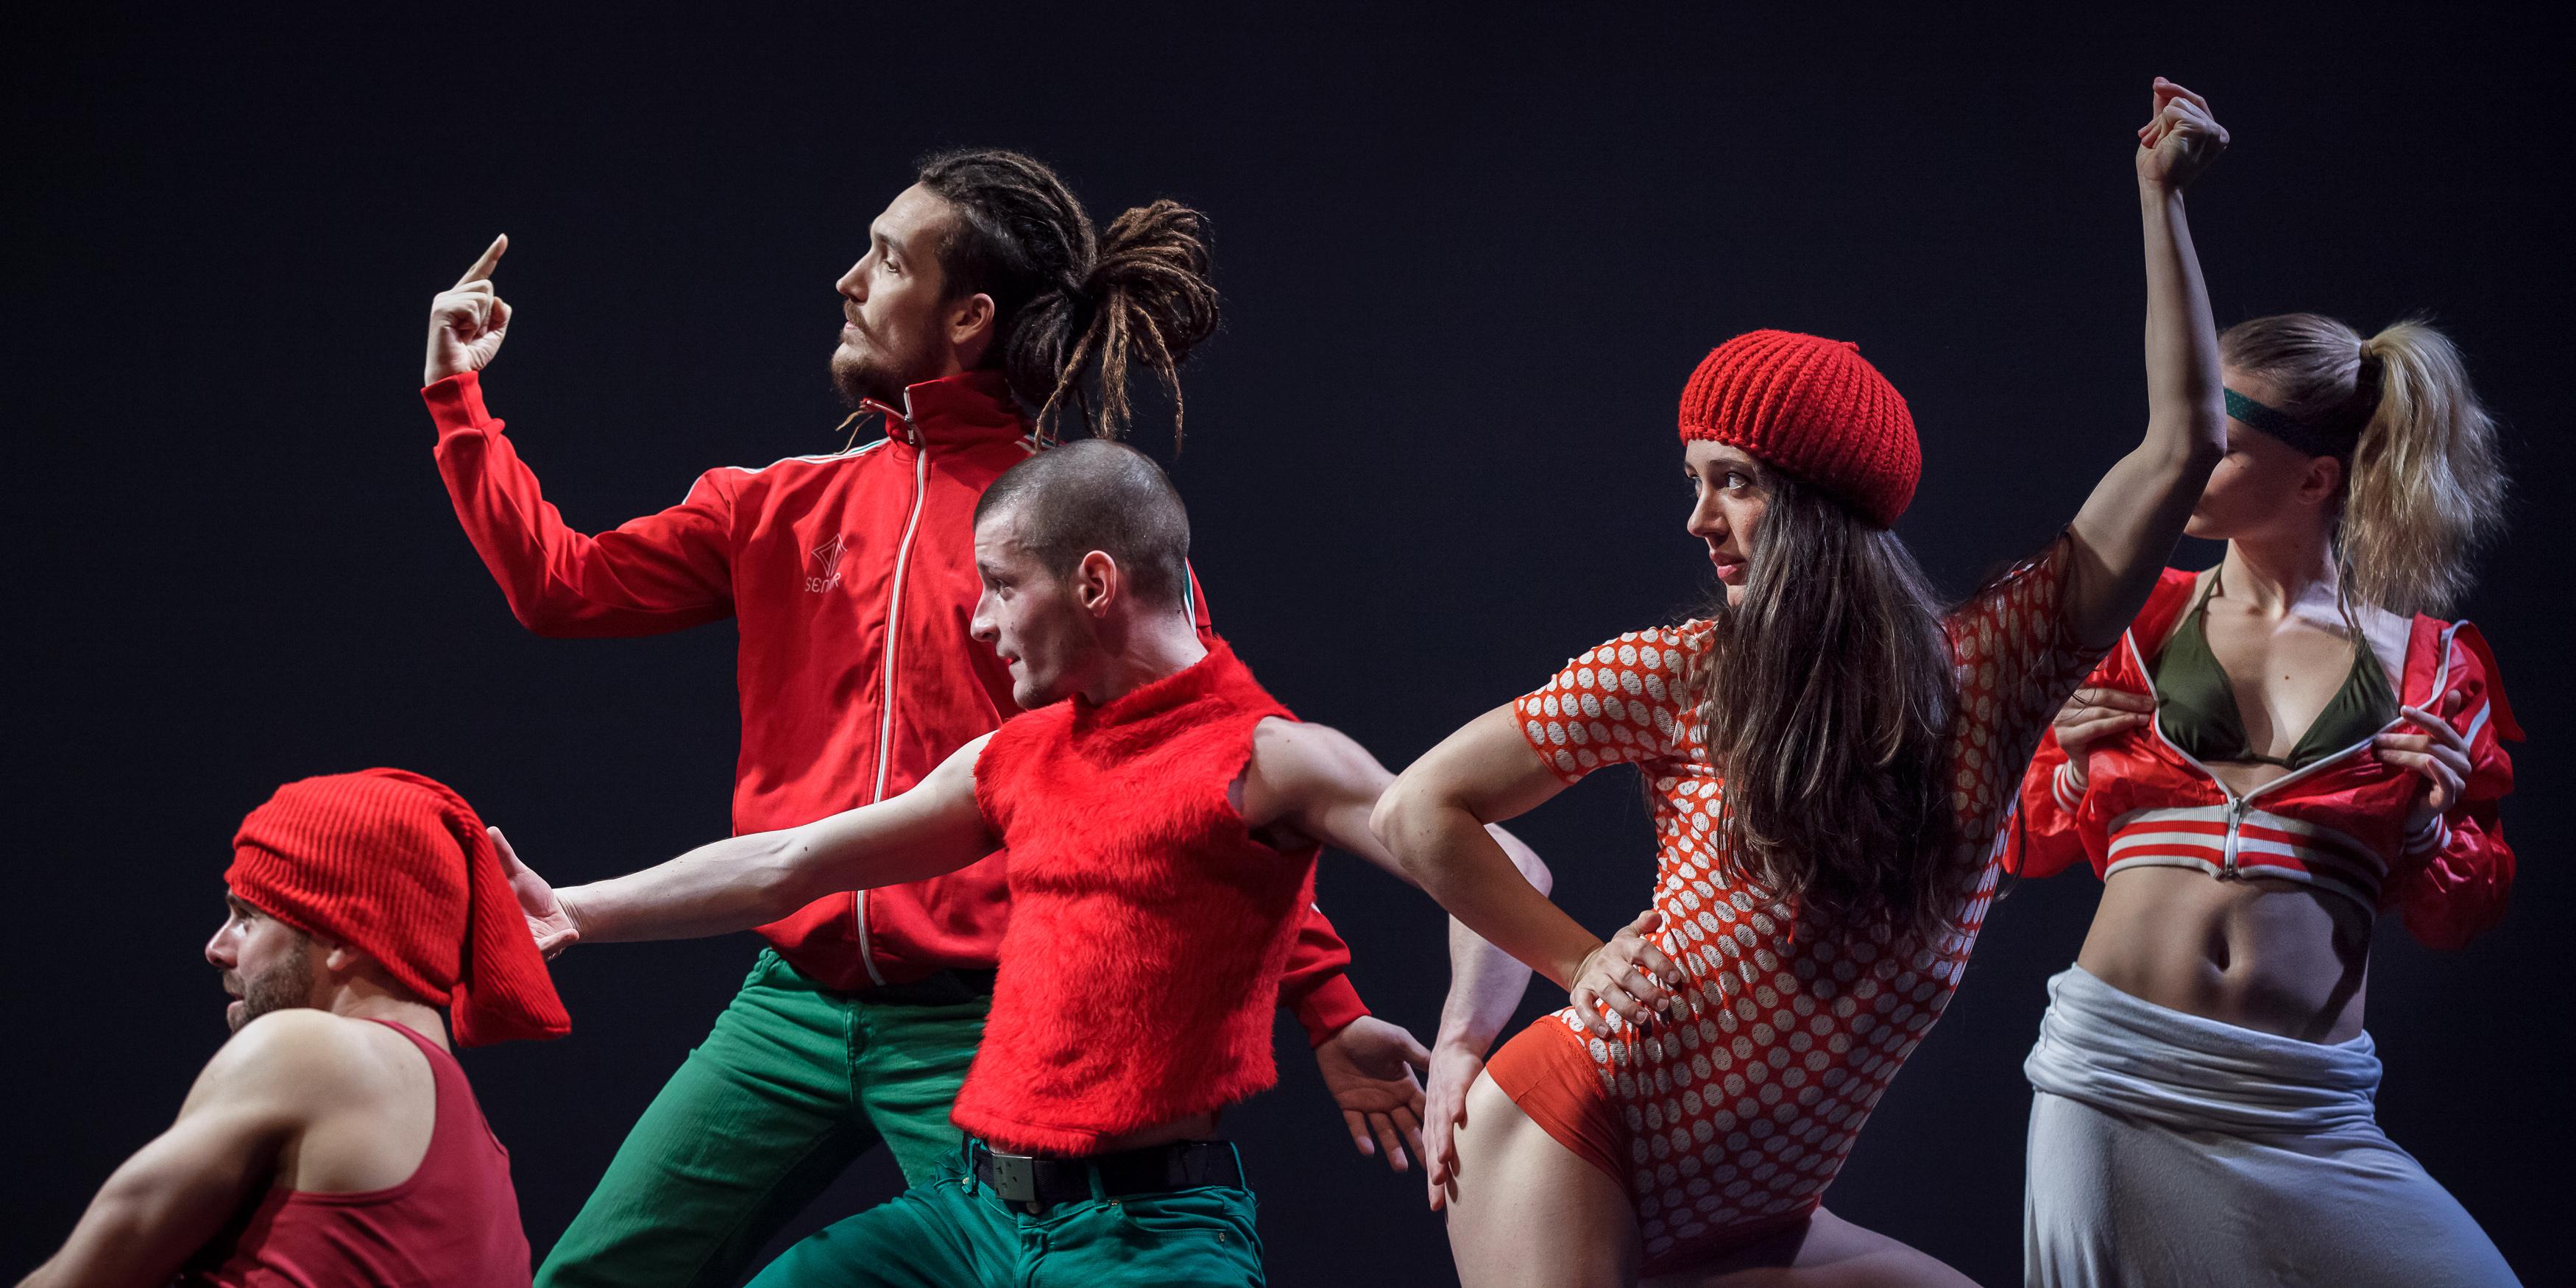 eva_duda_dance_company_photo_daniel_domolky_print_3.jpg